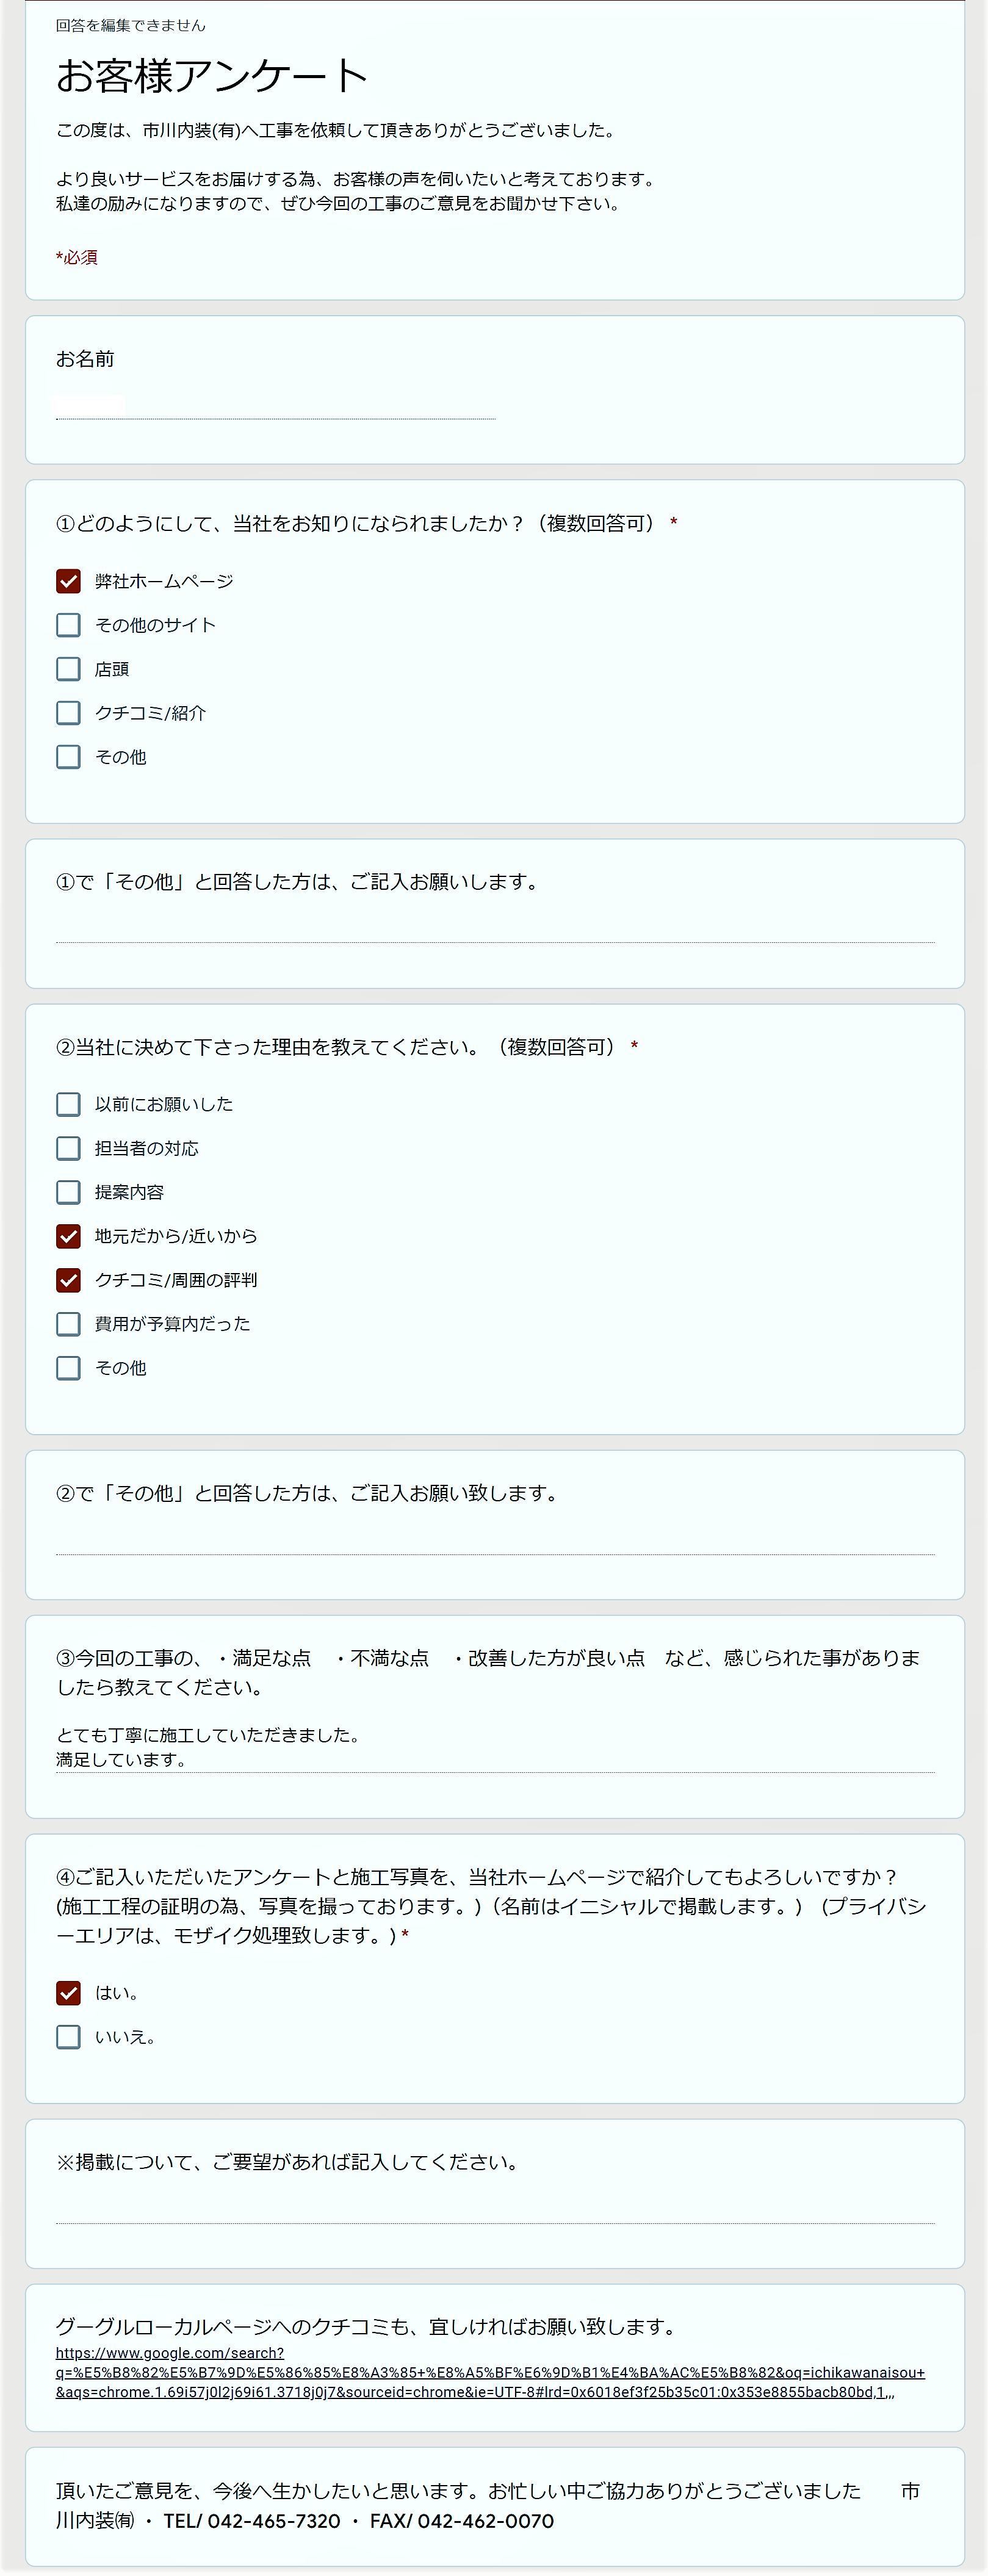 黒塚様アンケート